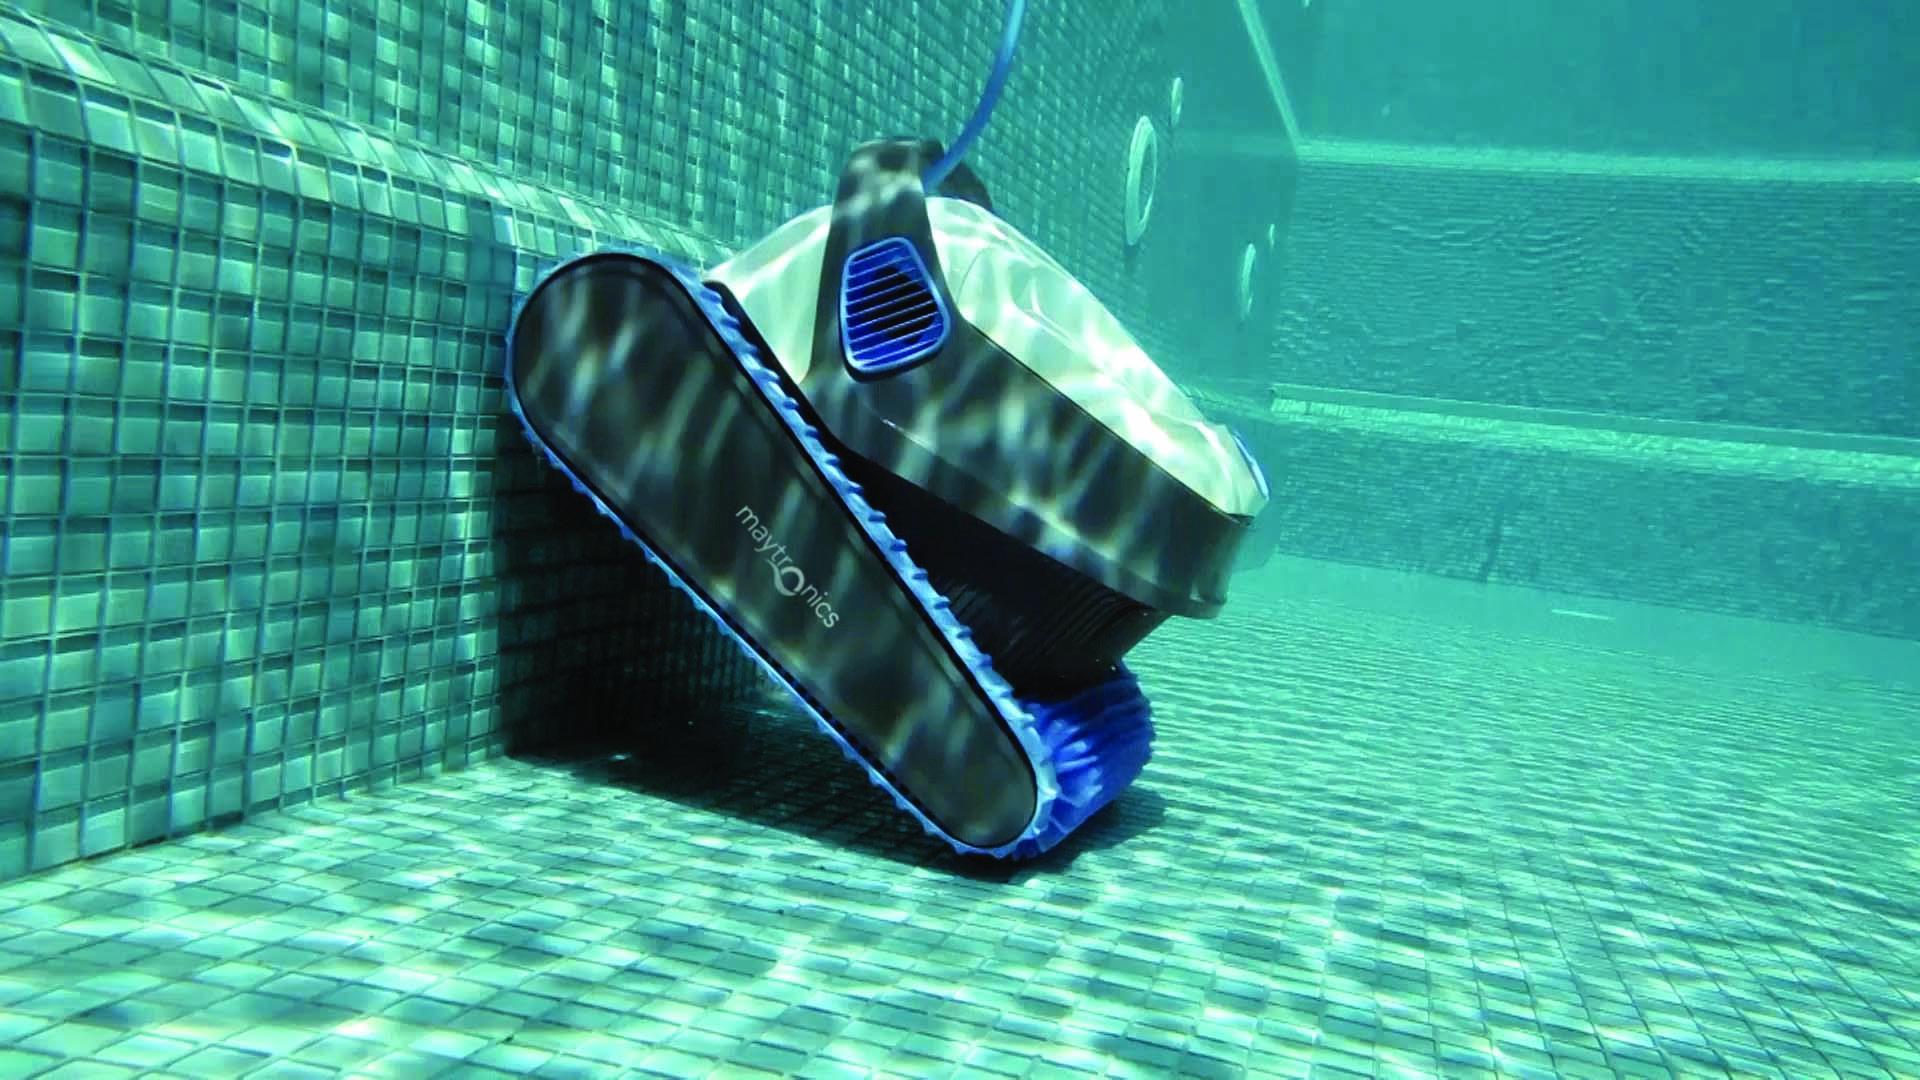 Robot piscine Piscine Soleil Service Nice